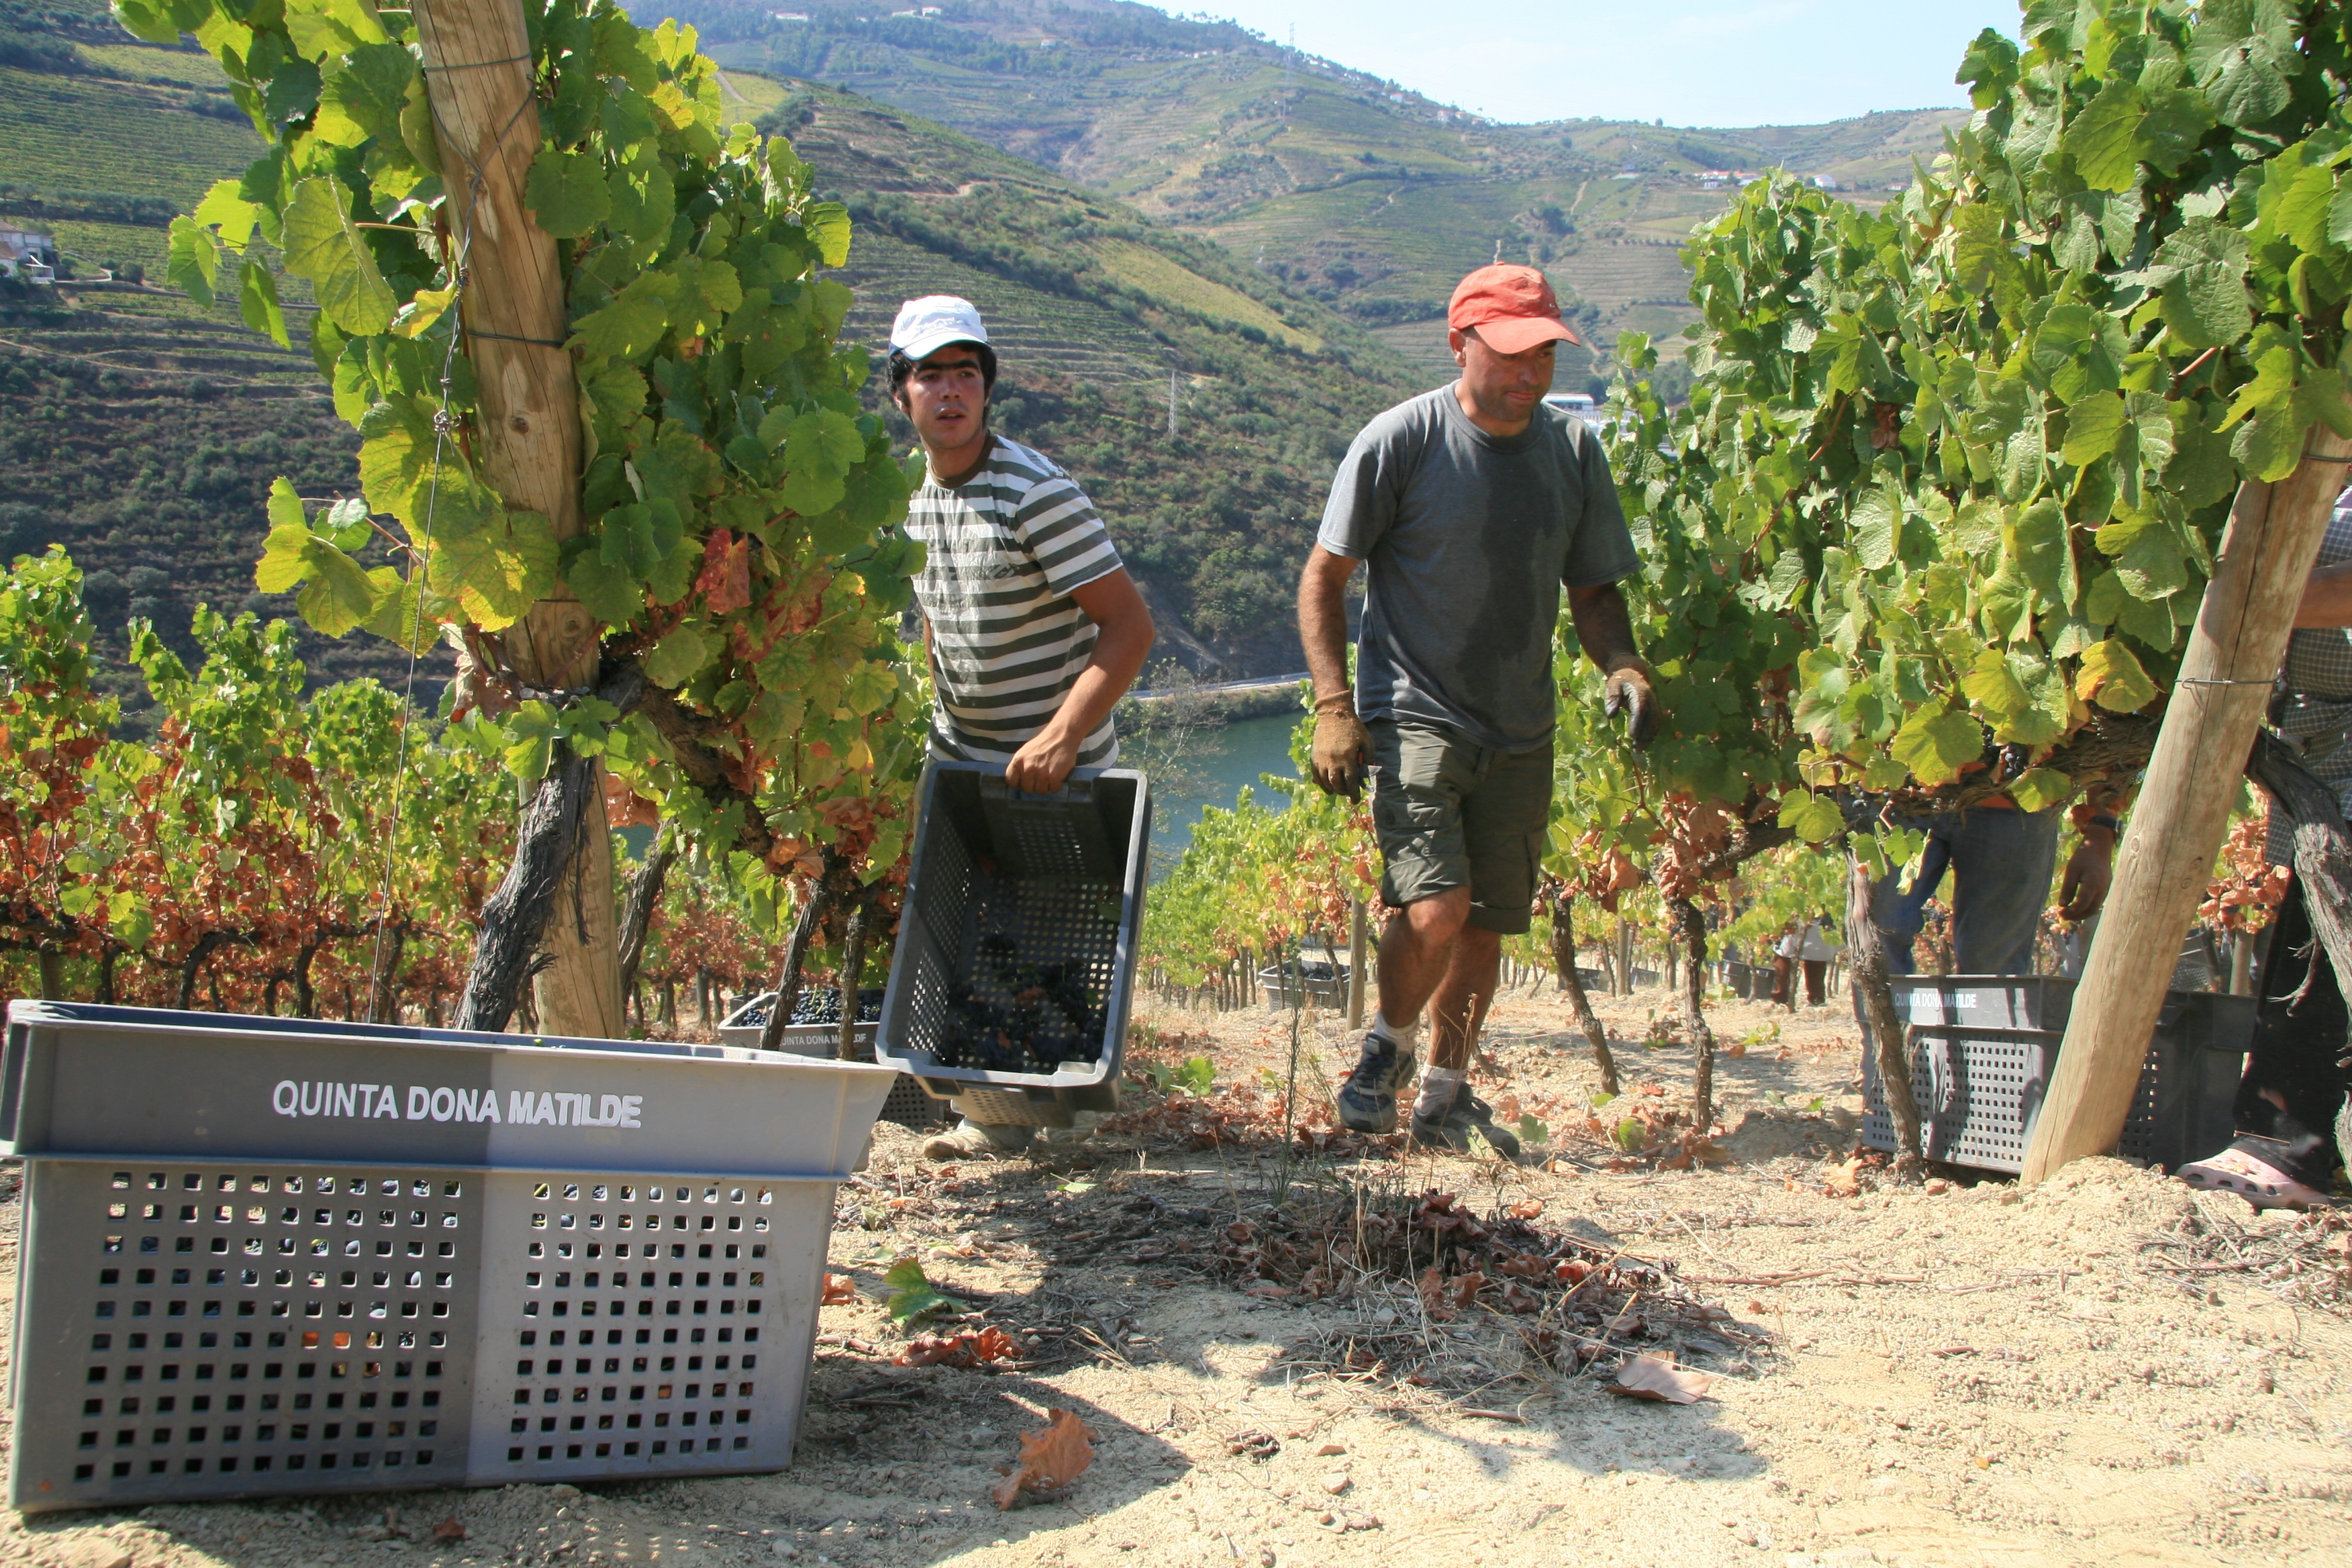 Portugal Douro Weinregion Weinernte per Hand steile Hänge Weinberge